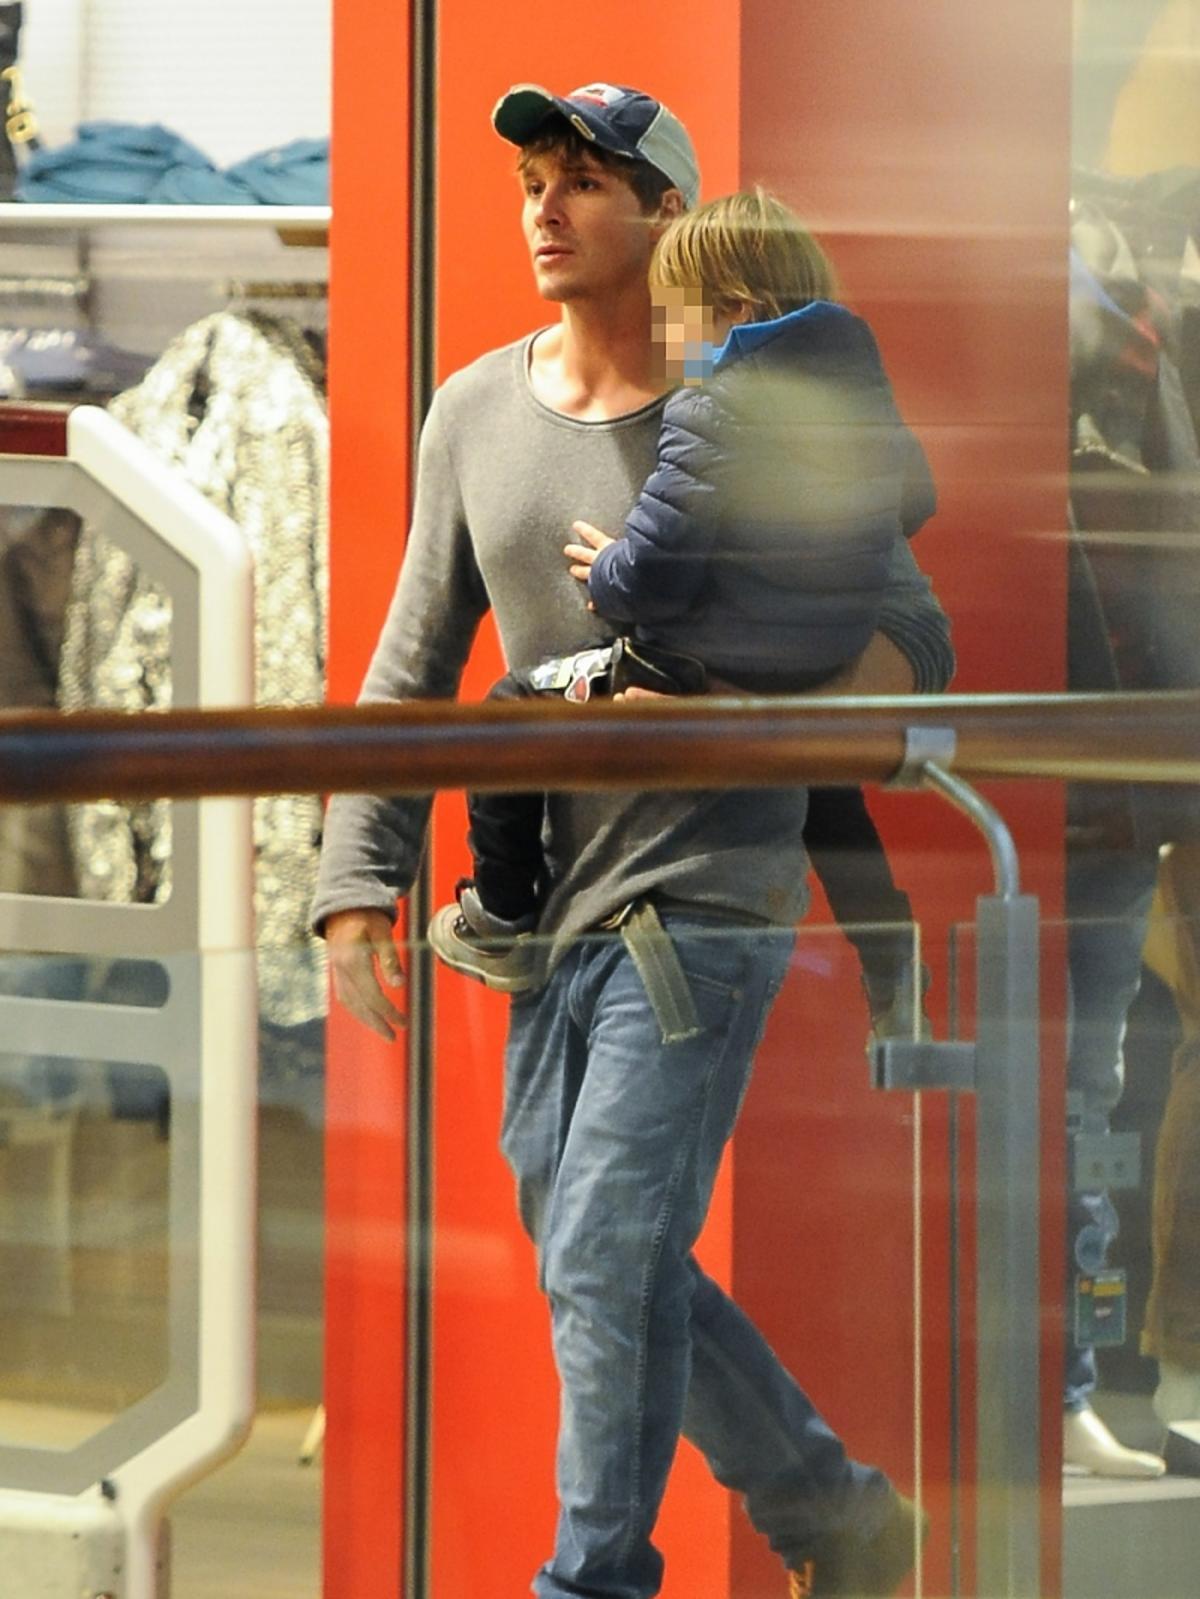 Mikołaj Roznerski w dżinsach z synem Antosiem w centrum handlowym